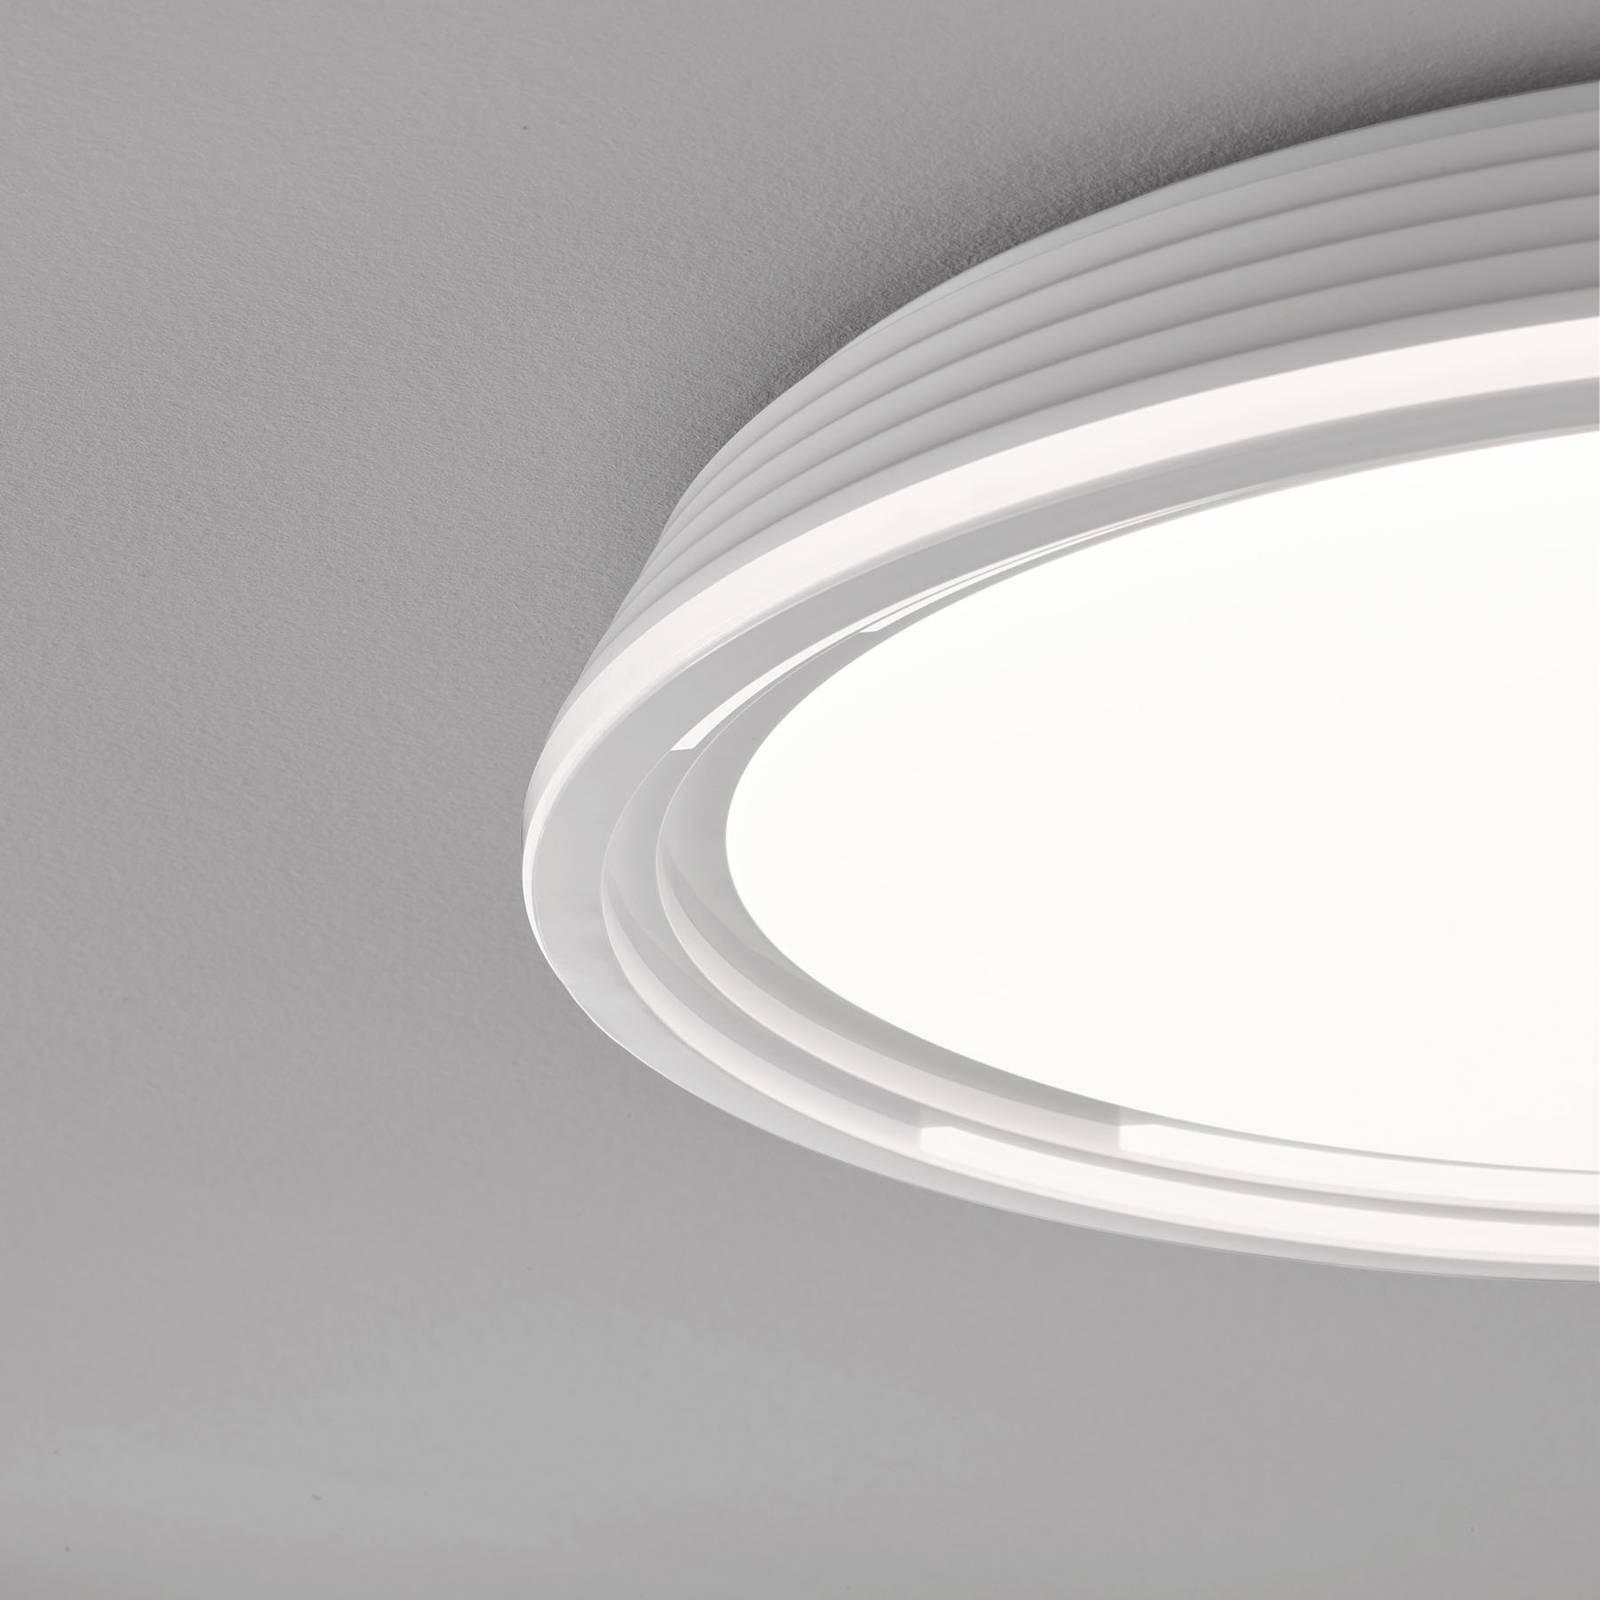 LED-kattovalaisin Dua, himmennettävä, Ø 43 cm